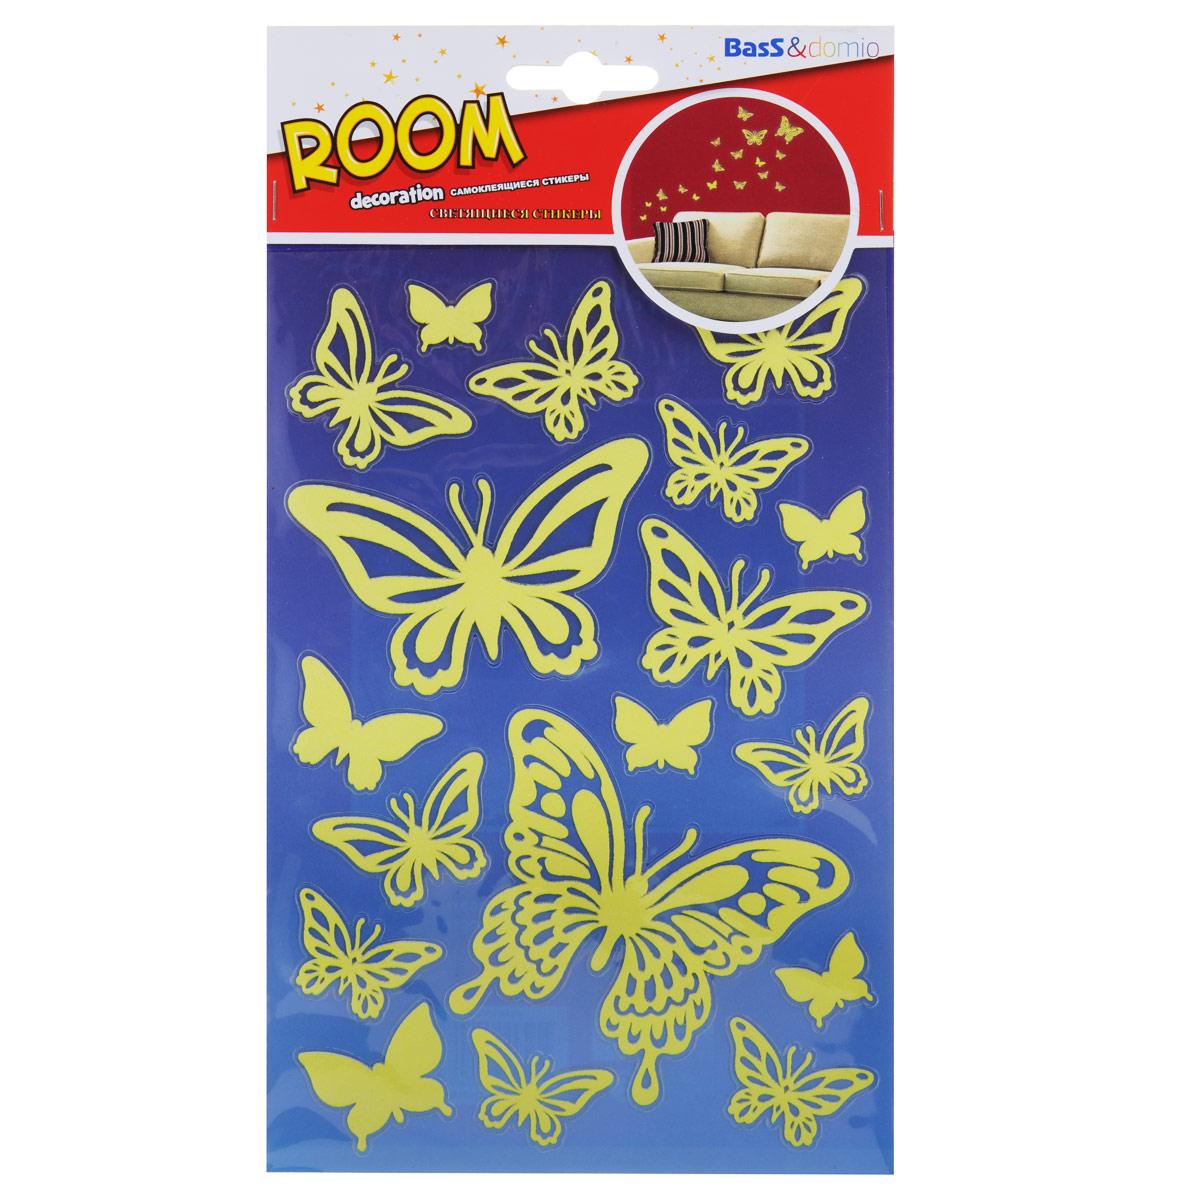 Наклейки для интерьера Room Decoration Бабочки, светящиеся, 21 х 14 смPUA1010Уважаемые клиенты! Обращаем ваше внимание на возможные изменения в дизайне упаковки. Качественные характеристики товара остаются неизменными. Поставка осуществляется в зависимости от наличия на складе.